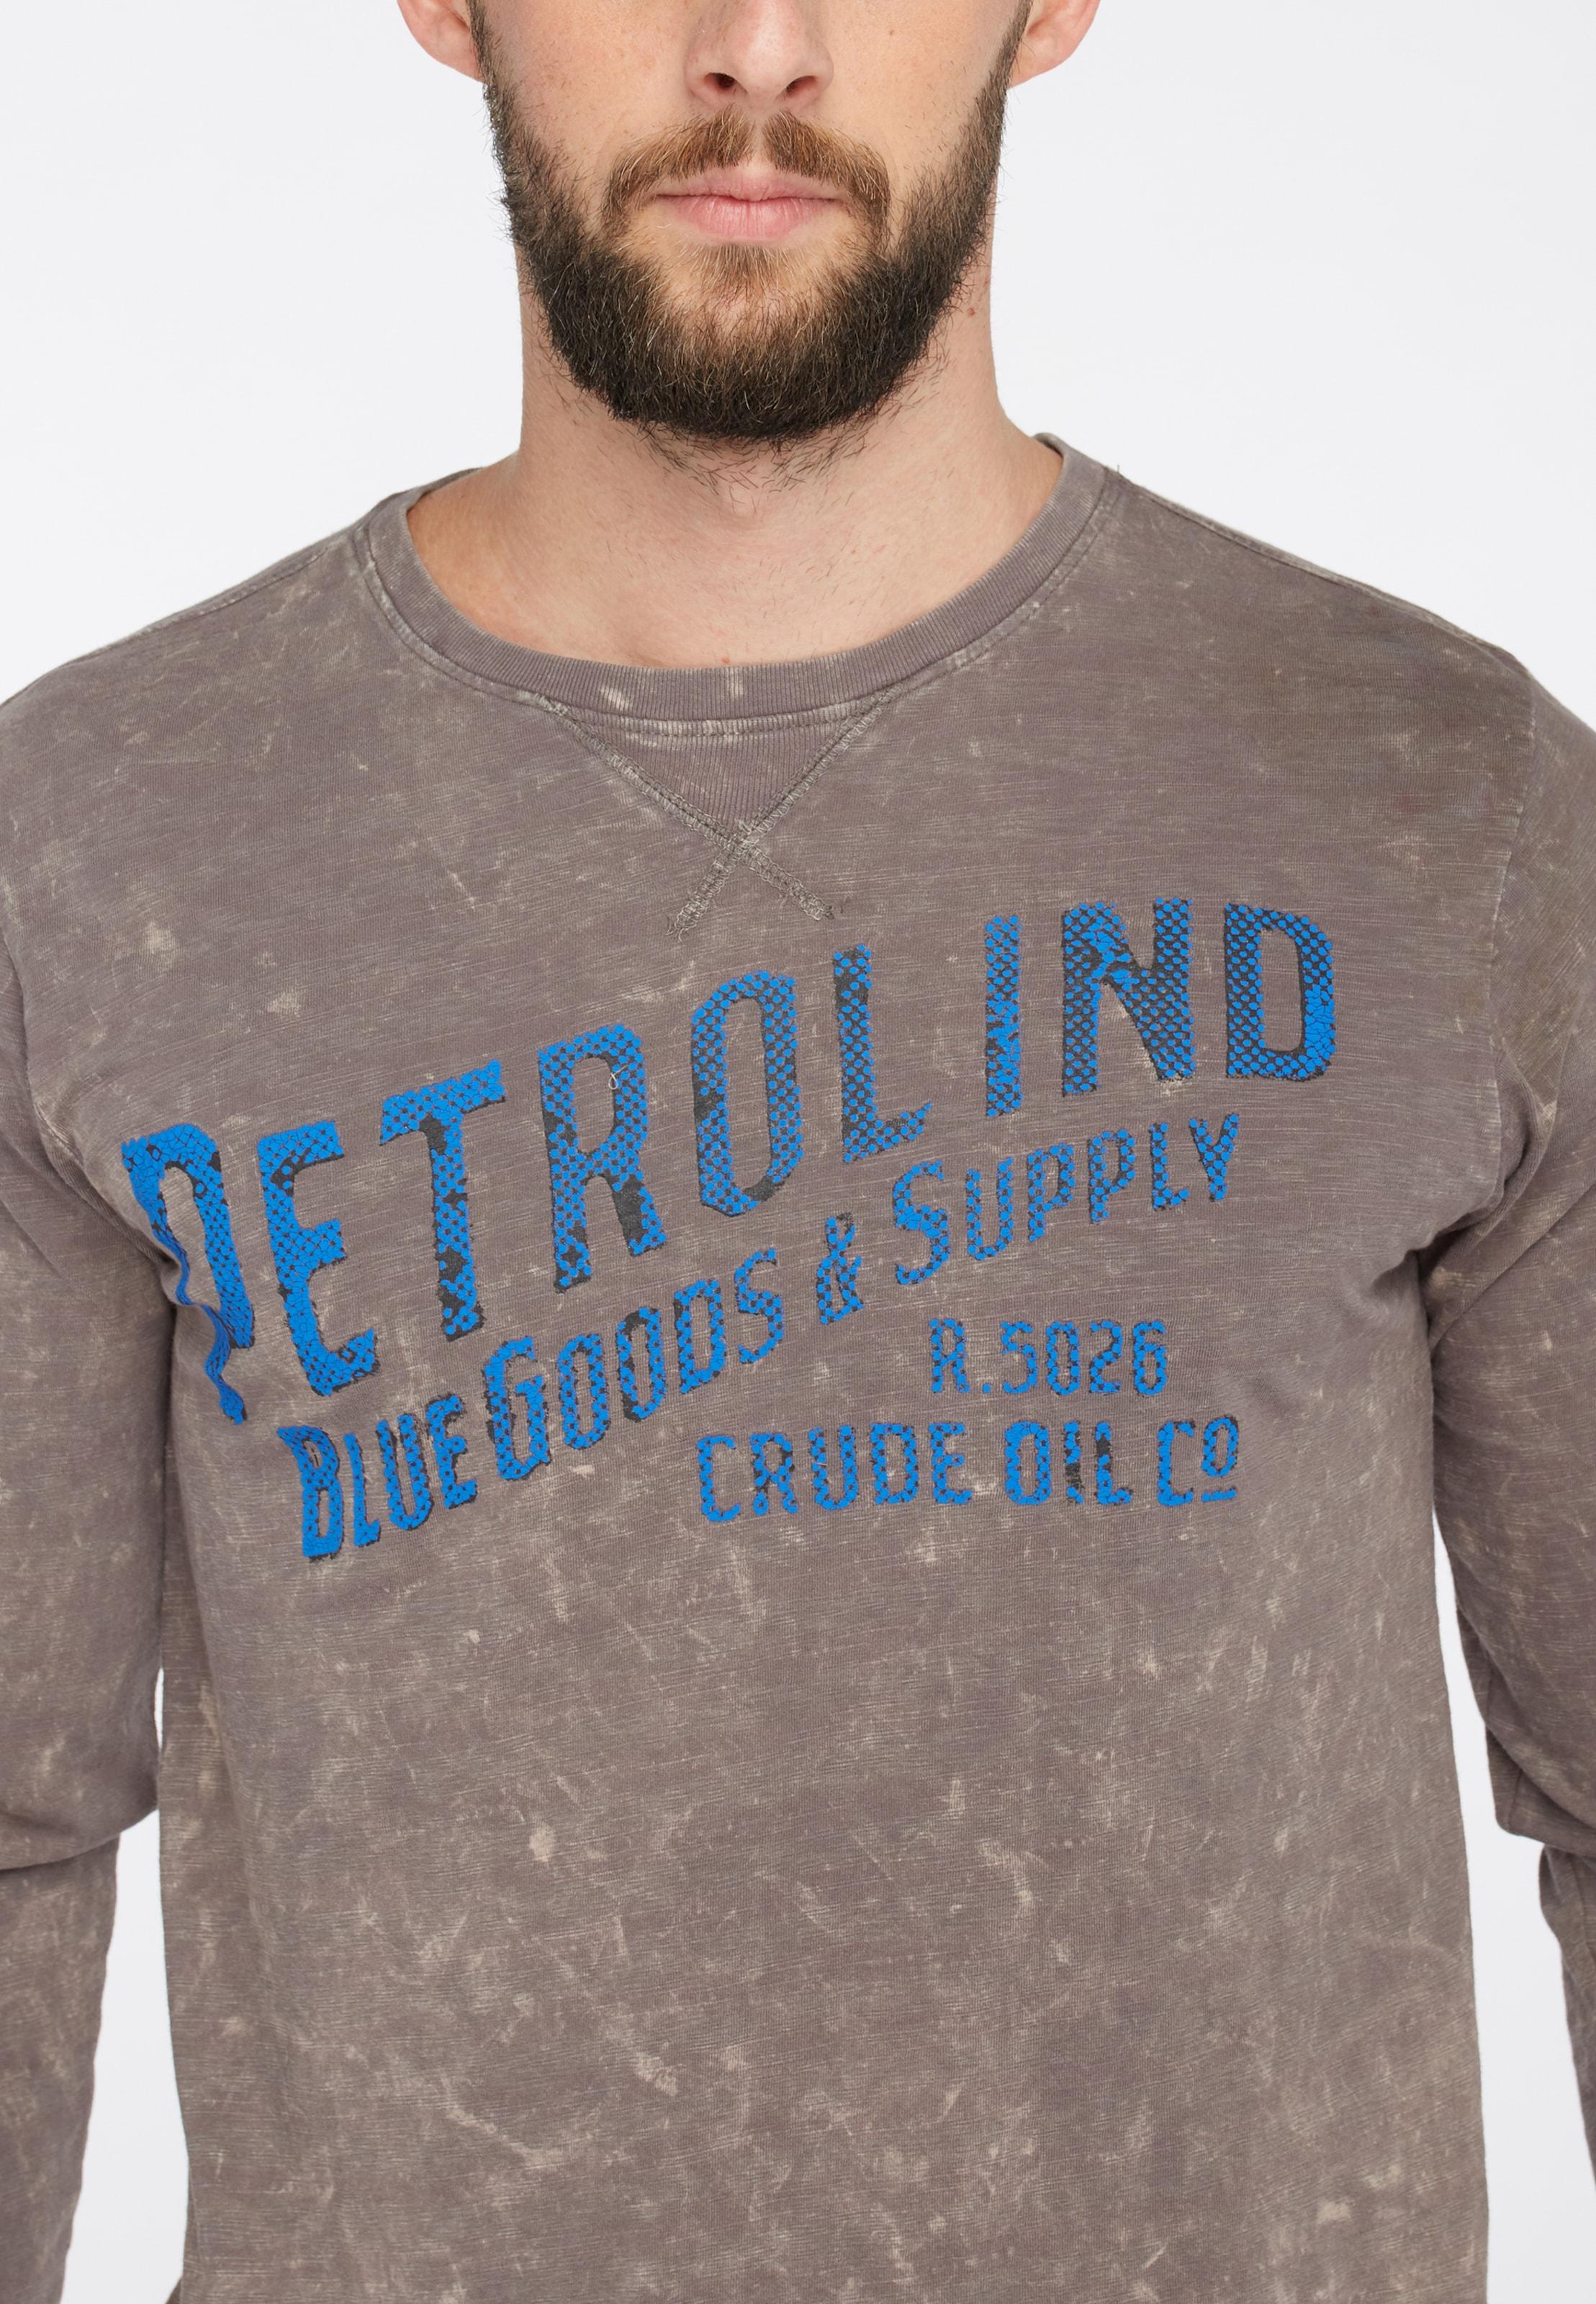 BleuGris En Fumé T shirt Industries Petrol vb6Imf7ygY